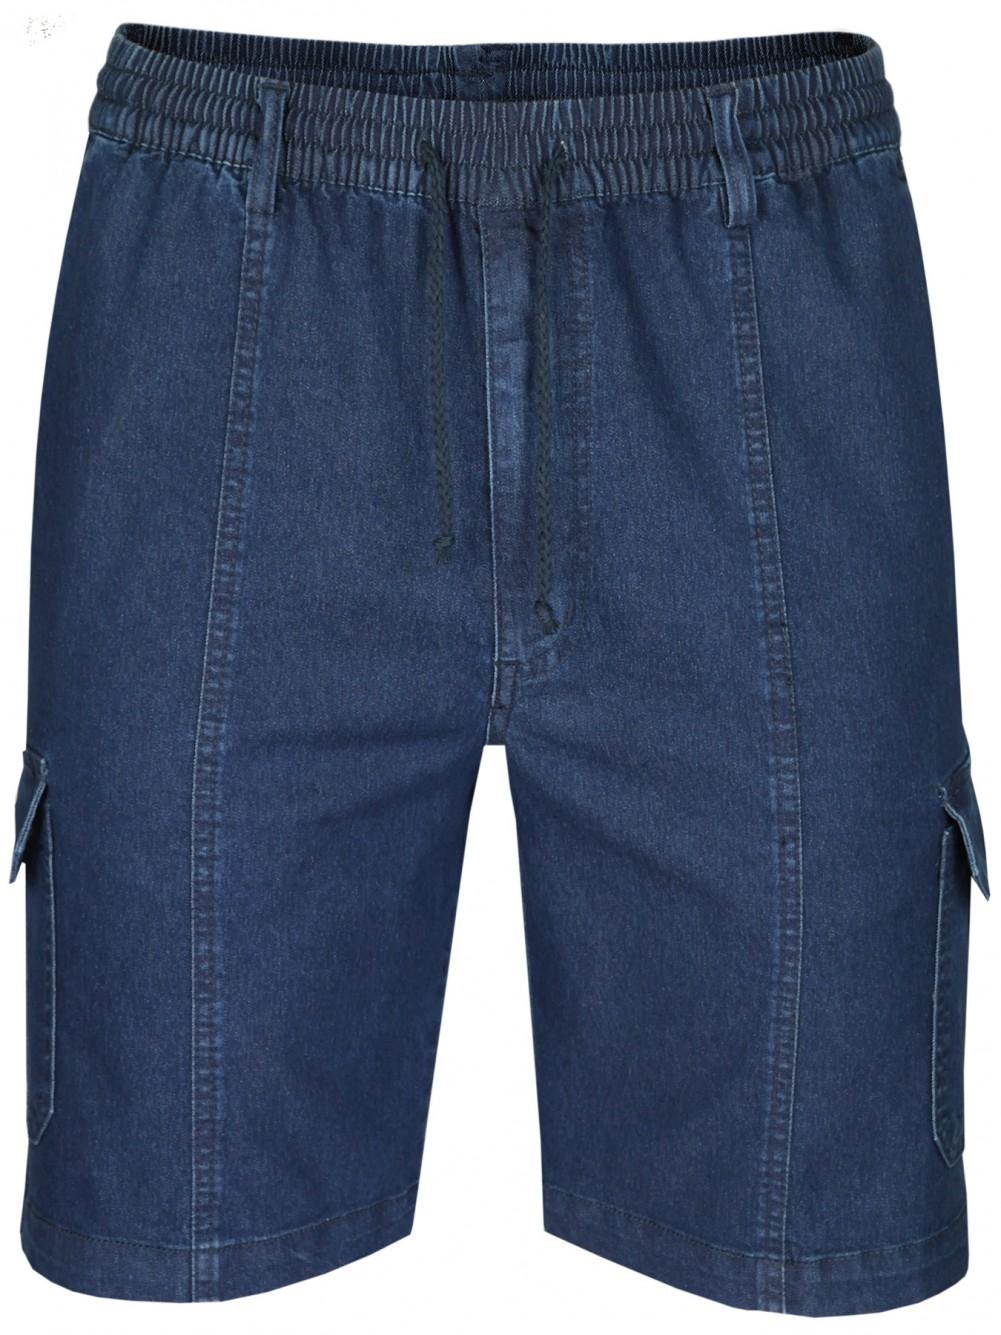 Herren Stretch Jeans-Shorts mit Schlupfbund - DarkBlue